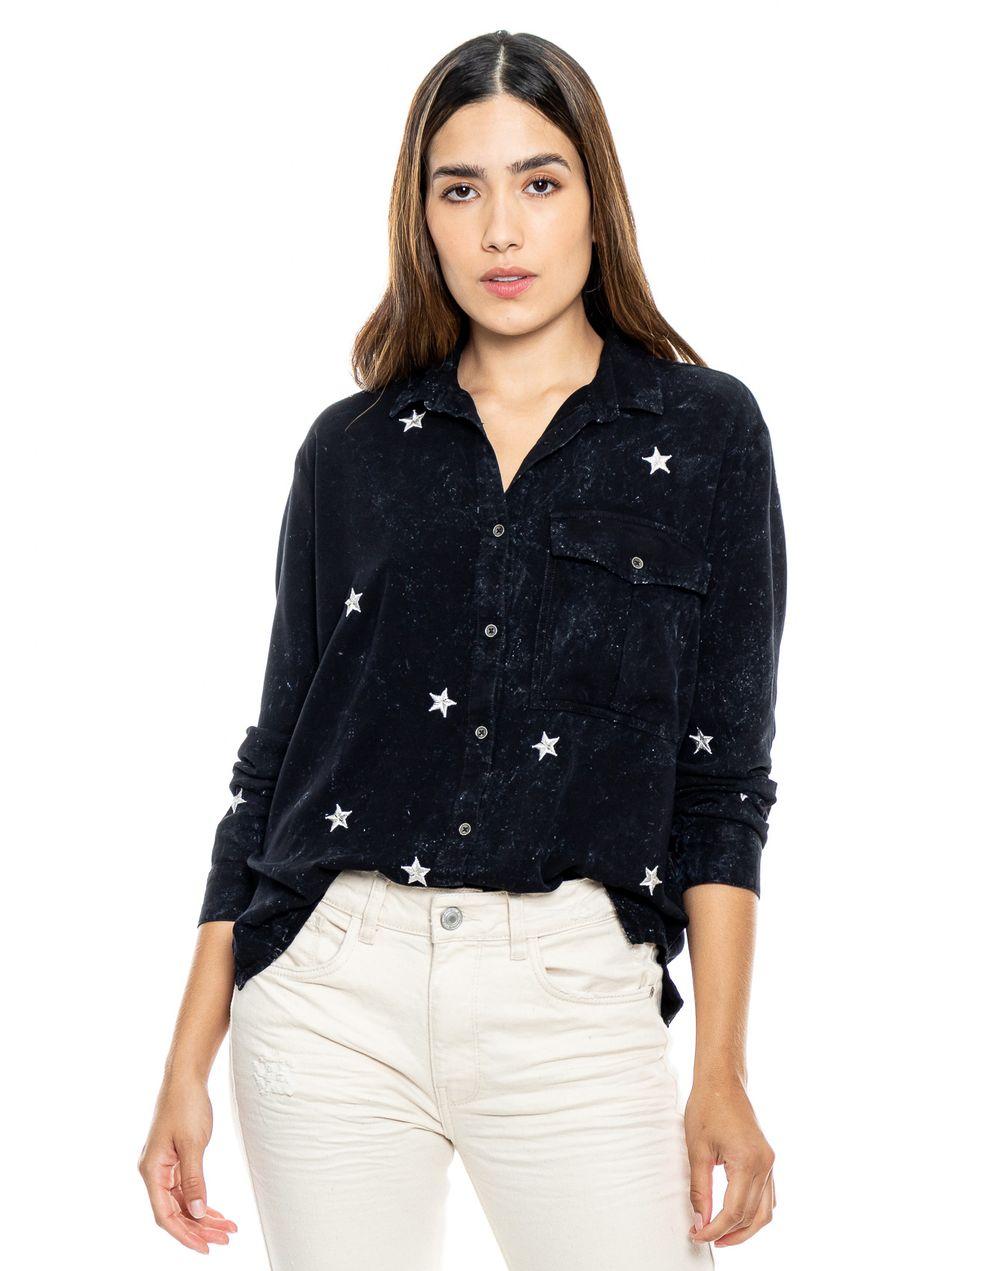 camisa-114611-negro-1.jpg